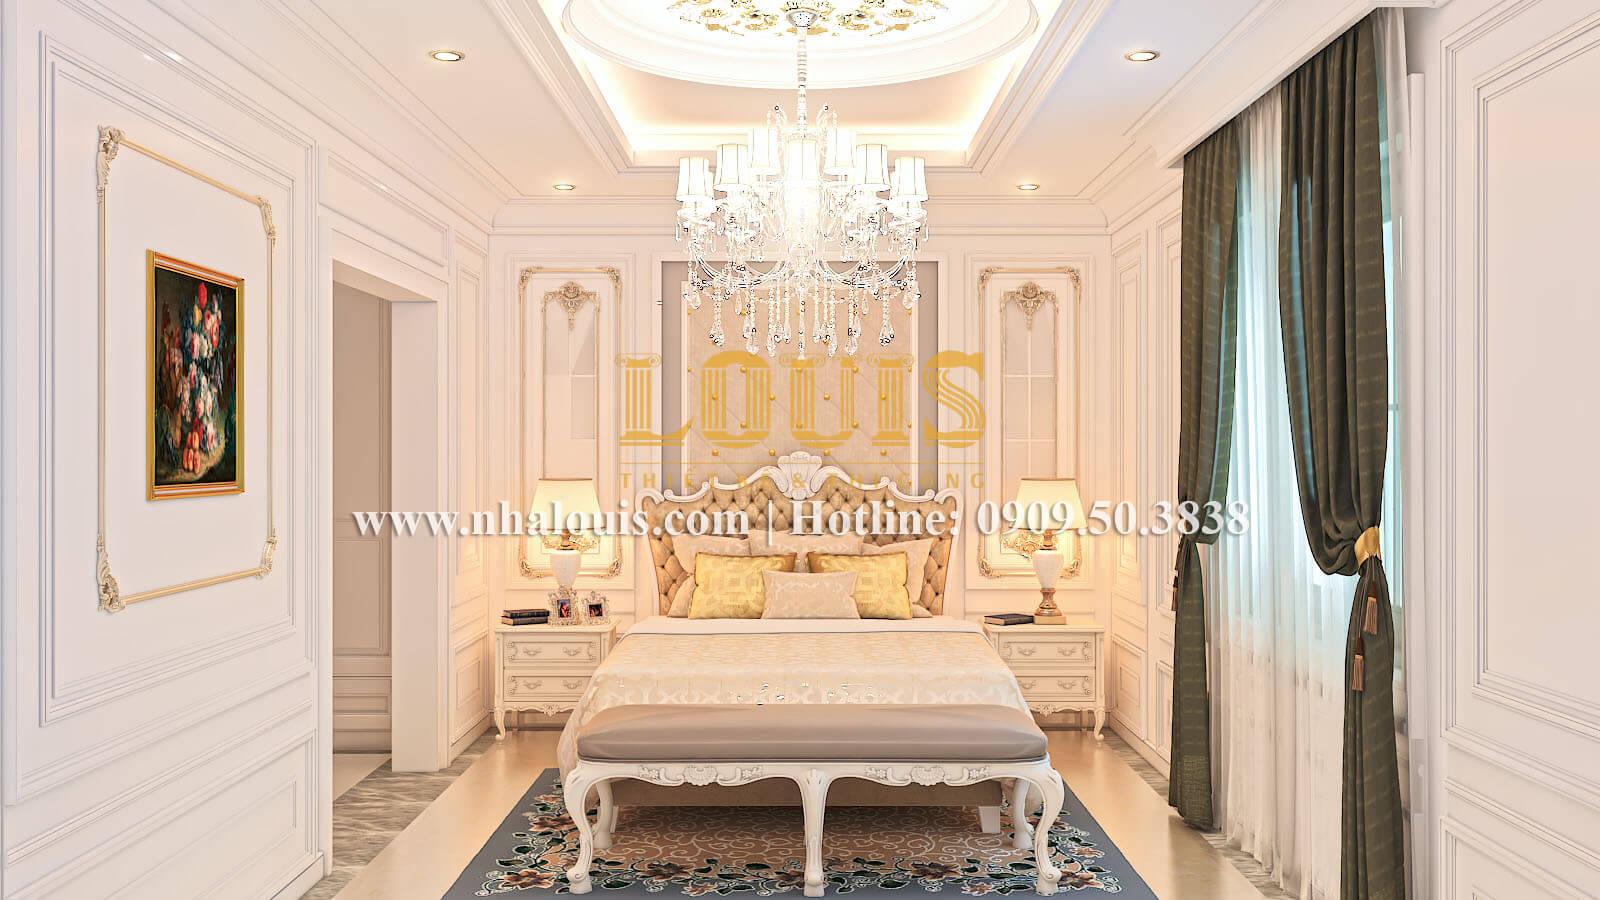 Phòng ngủ Ngắm biệt thự cổ điển kiểu Pháp đẳng cấp tại Đồng Nai